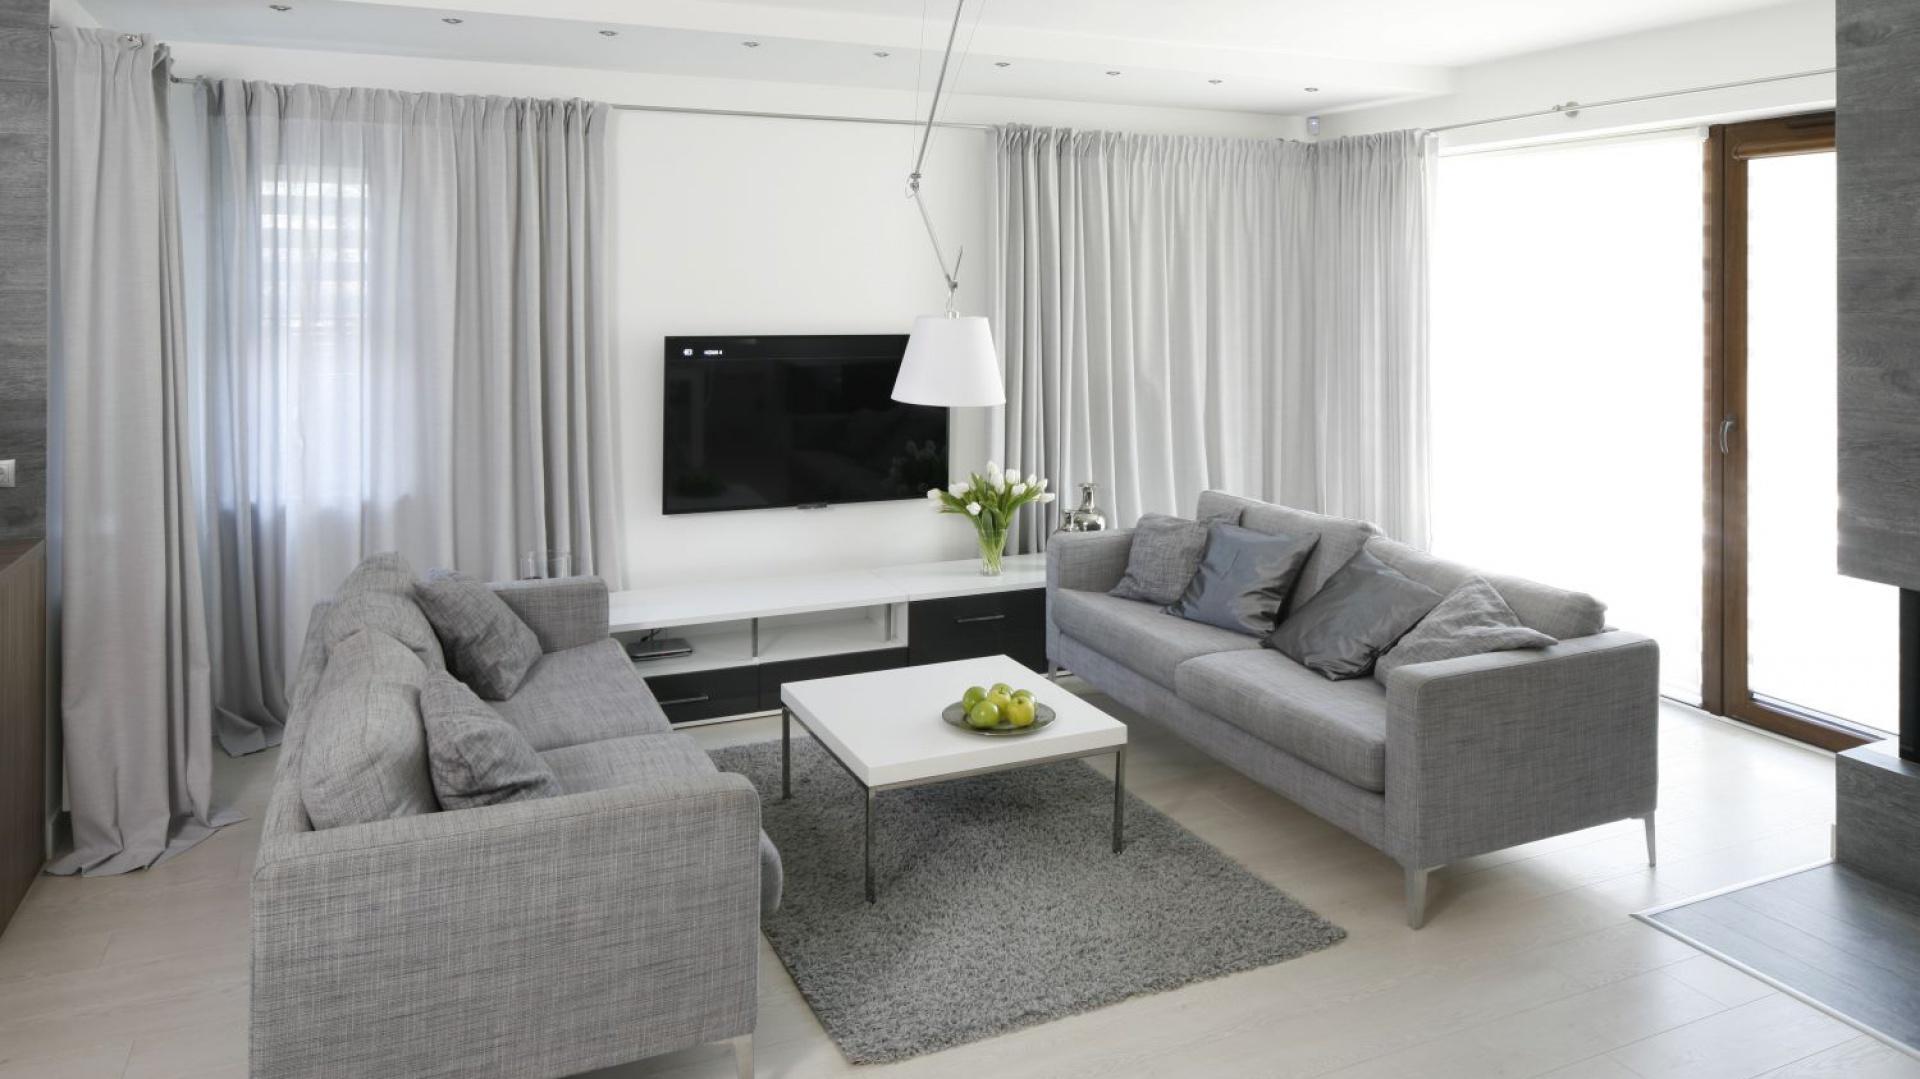 Chłodną szarość sofy i foteli w salonie podkreślono tradycyjną bielą oraz czarnymi dodatkami. Do wszystkich odcieni szarości nawiązały okienne zasłony.